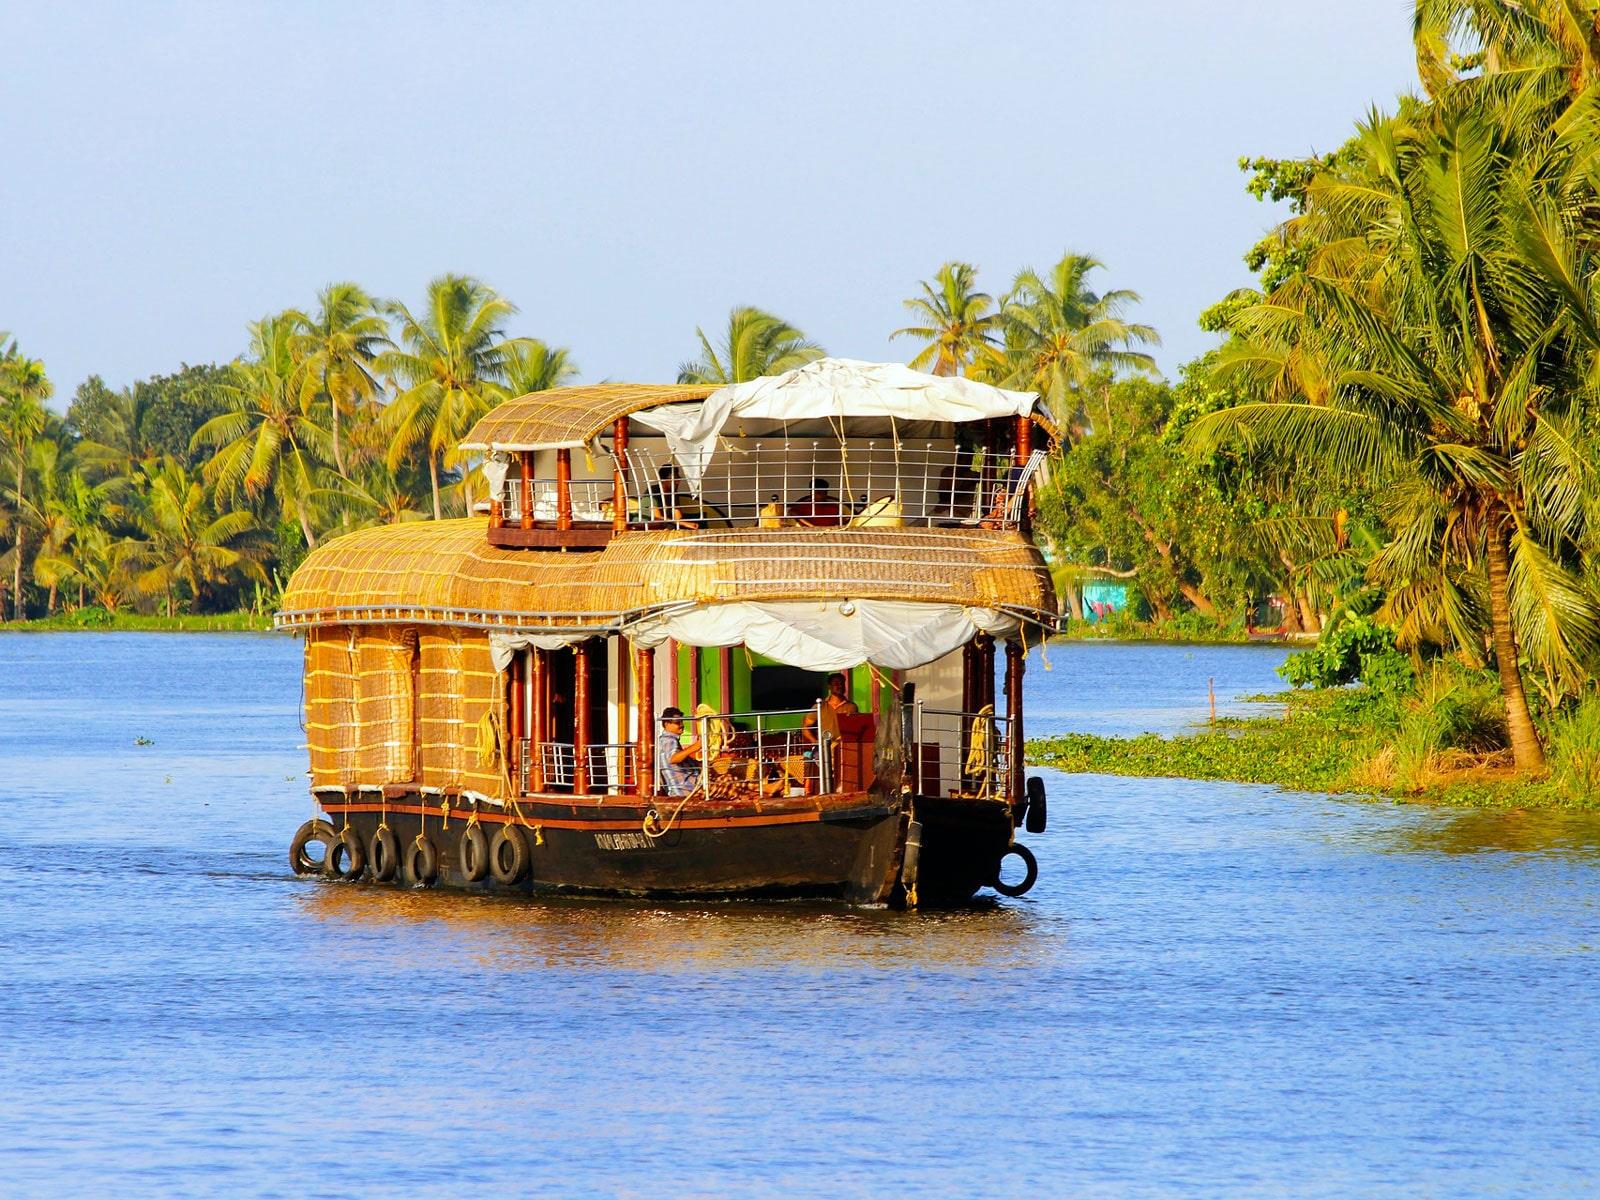 rondreis india backwaters van kerala hoogtepunt 11